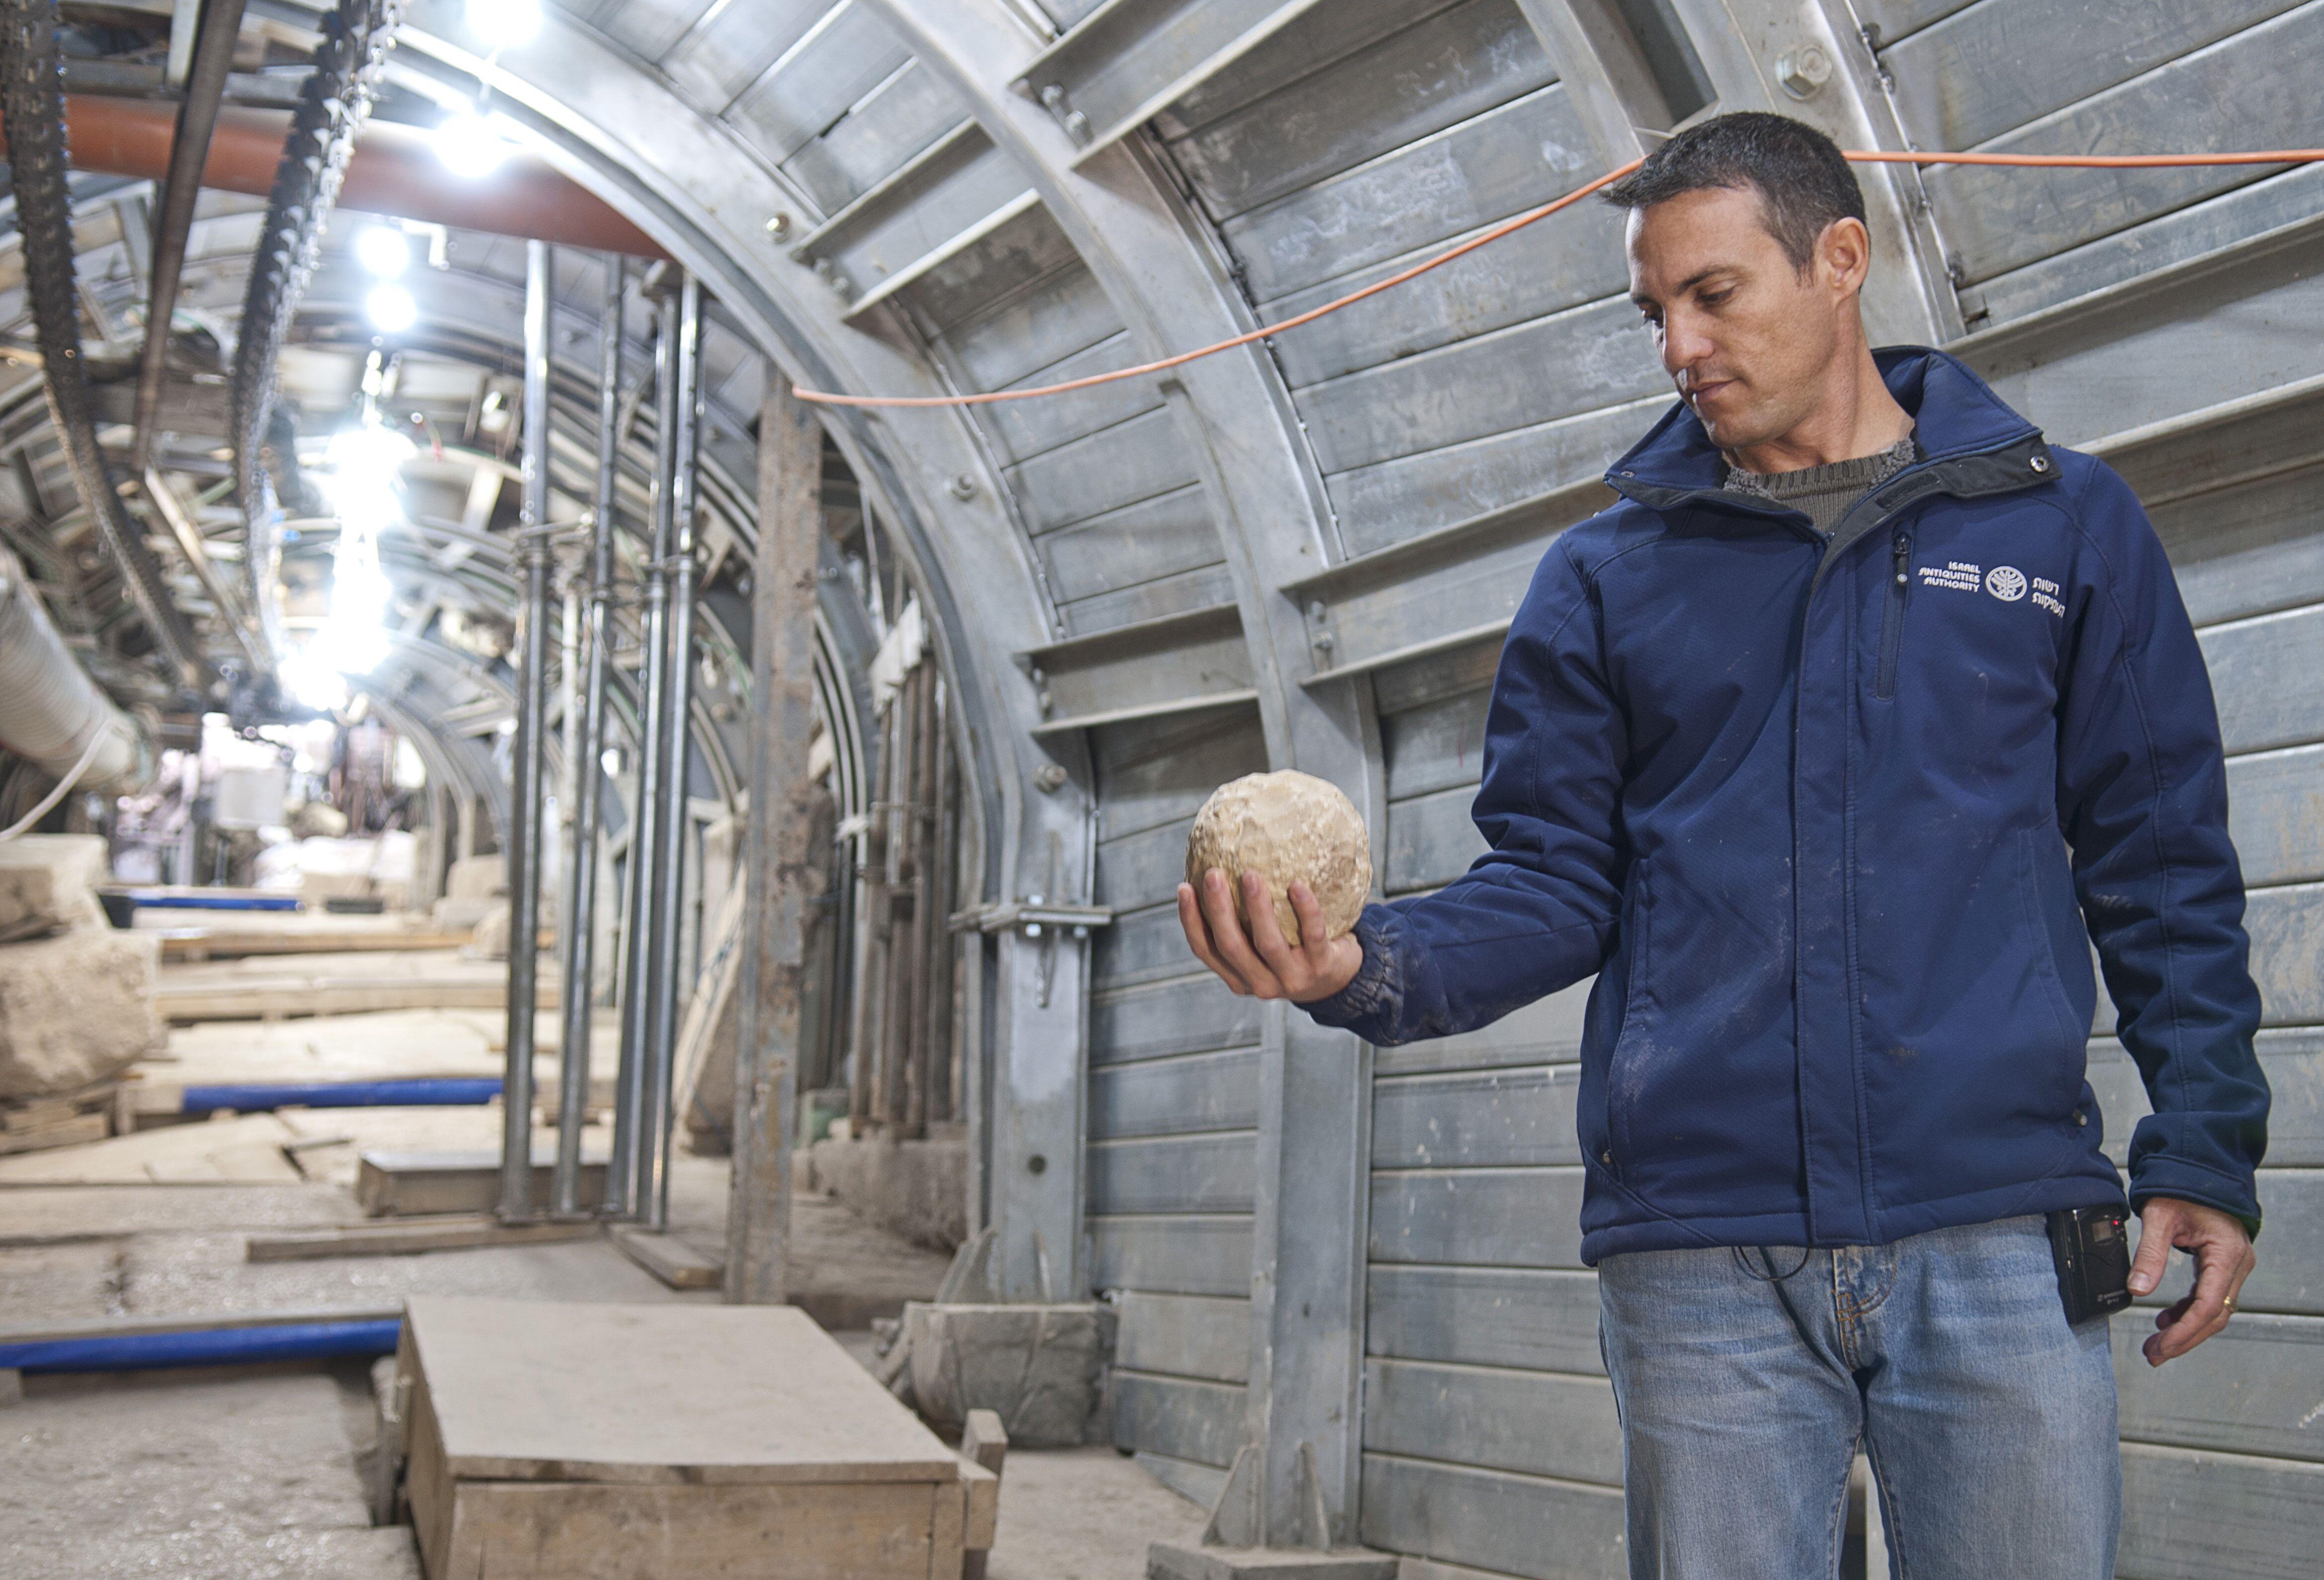 9.נחשון זנטון, ממנהלי חפירת הרחוב, מחזיק כדור בליסטרה שככל הנראה שמש בקרב במהלך המרד הגדול. צילום שי הלוי, רשות העתיקות